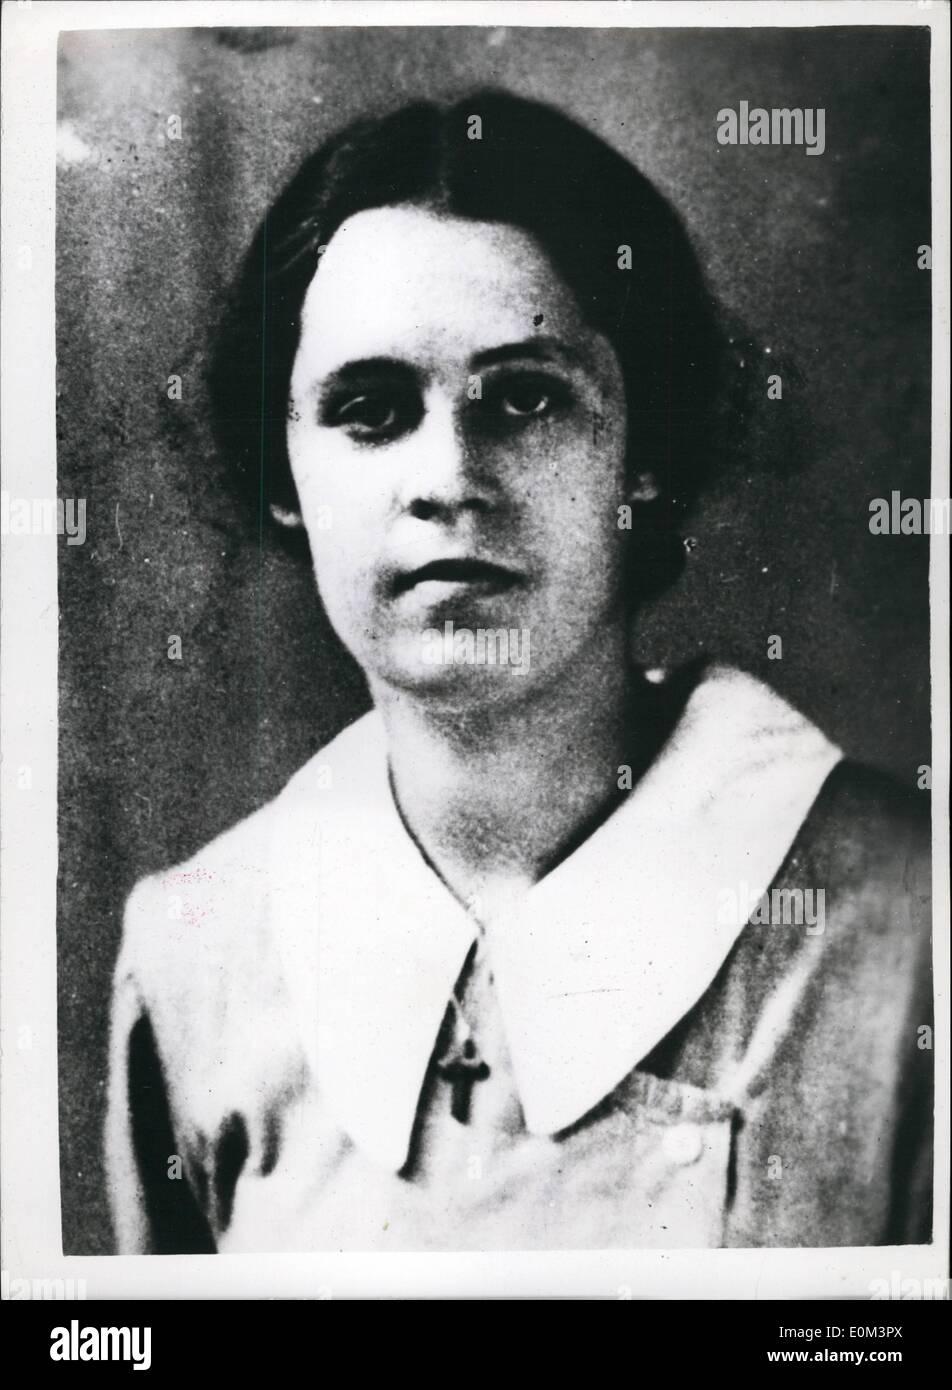 5. Mai 1953 - Scotland Yard Thema Frauenporträts fehlt... Kann mit Rillington Place - Notting Hill verbunden werden; Porträts von Scotland Yard von zwei vermissten Frauen ausgestellt worden - sie haben mehr als acht Jahre lang gefehlt. Sie sind Ruth Fuerst, wurde 1922 in Wien geboren und kam nach England im Jahre 1939- und Muriel Eady, die 32, als sie im Oktober 1944 verschwunden war, und für die Ultra Radio Company gearbeitet. Die Polizei glaubt, dass ihr Schicksal mit der Feststellung der beiden Skelette in den Garten Nr. 10 verbunden werden kann. Rillington Platz Stockbild